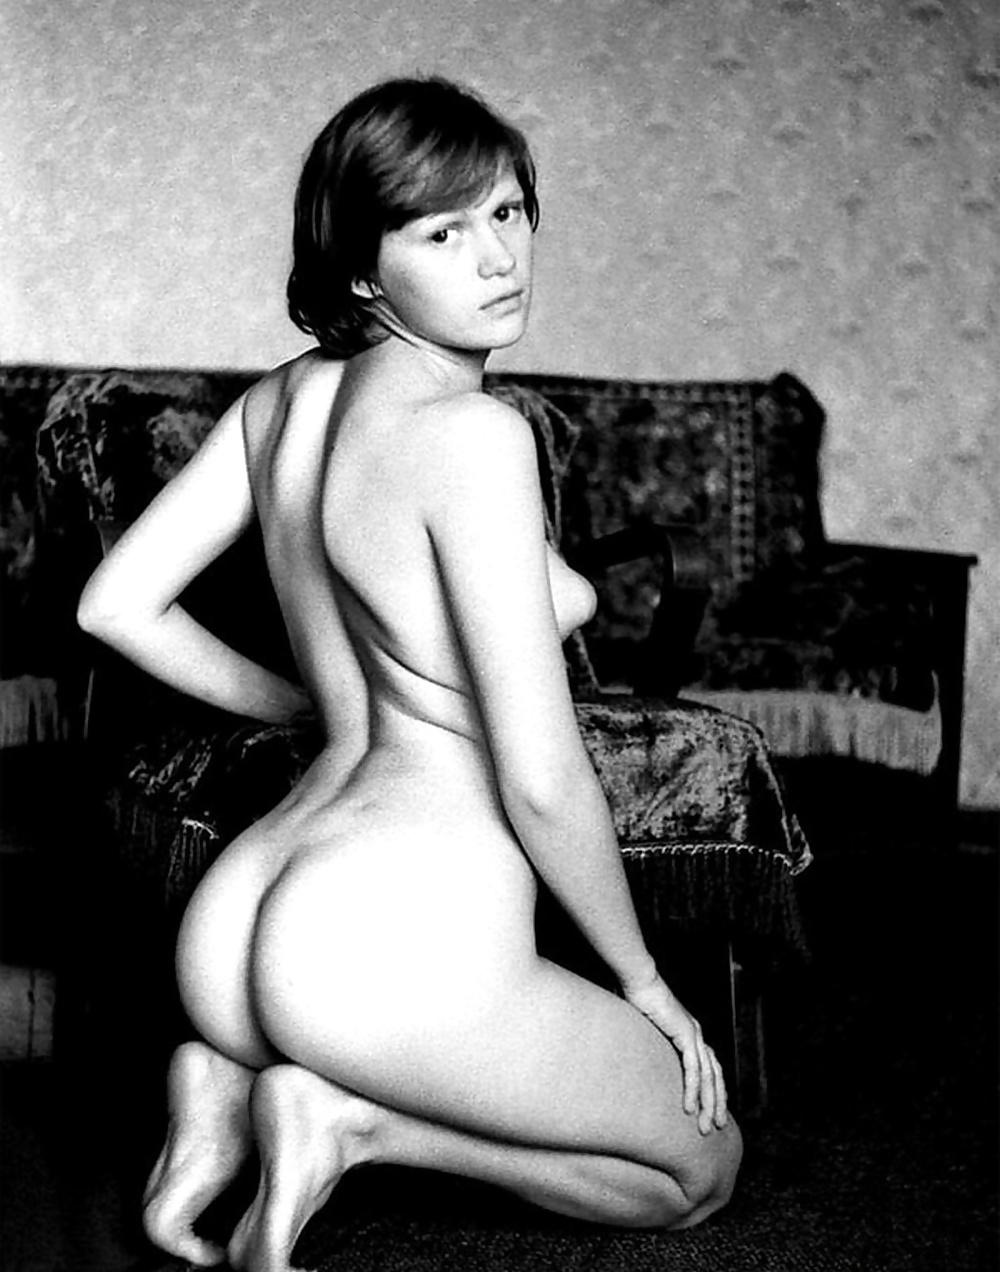 Усть-каменогорске девушки фото эротическое под парусом